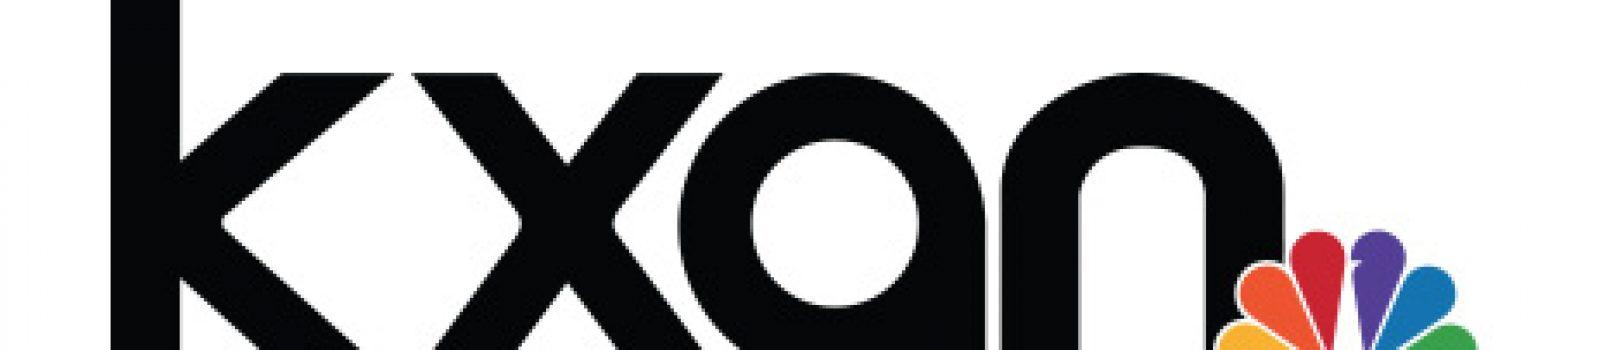 kxan-09302016